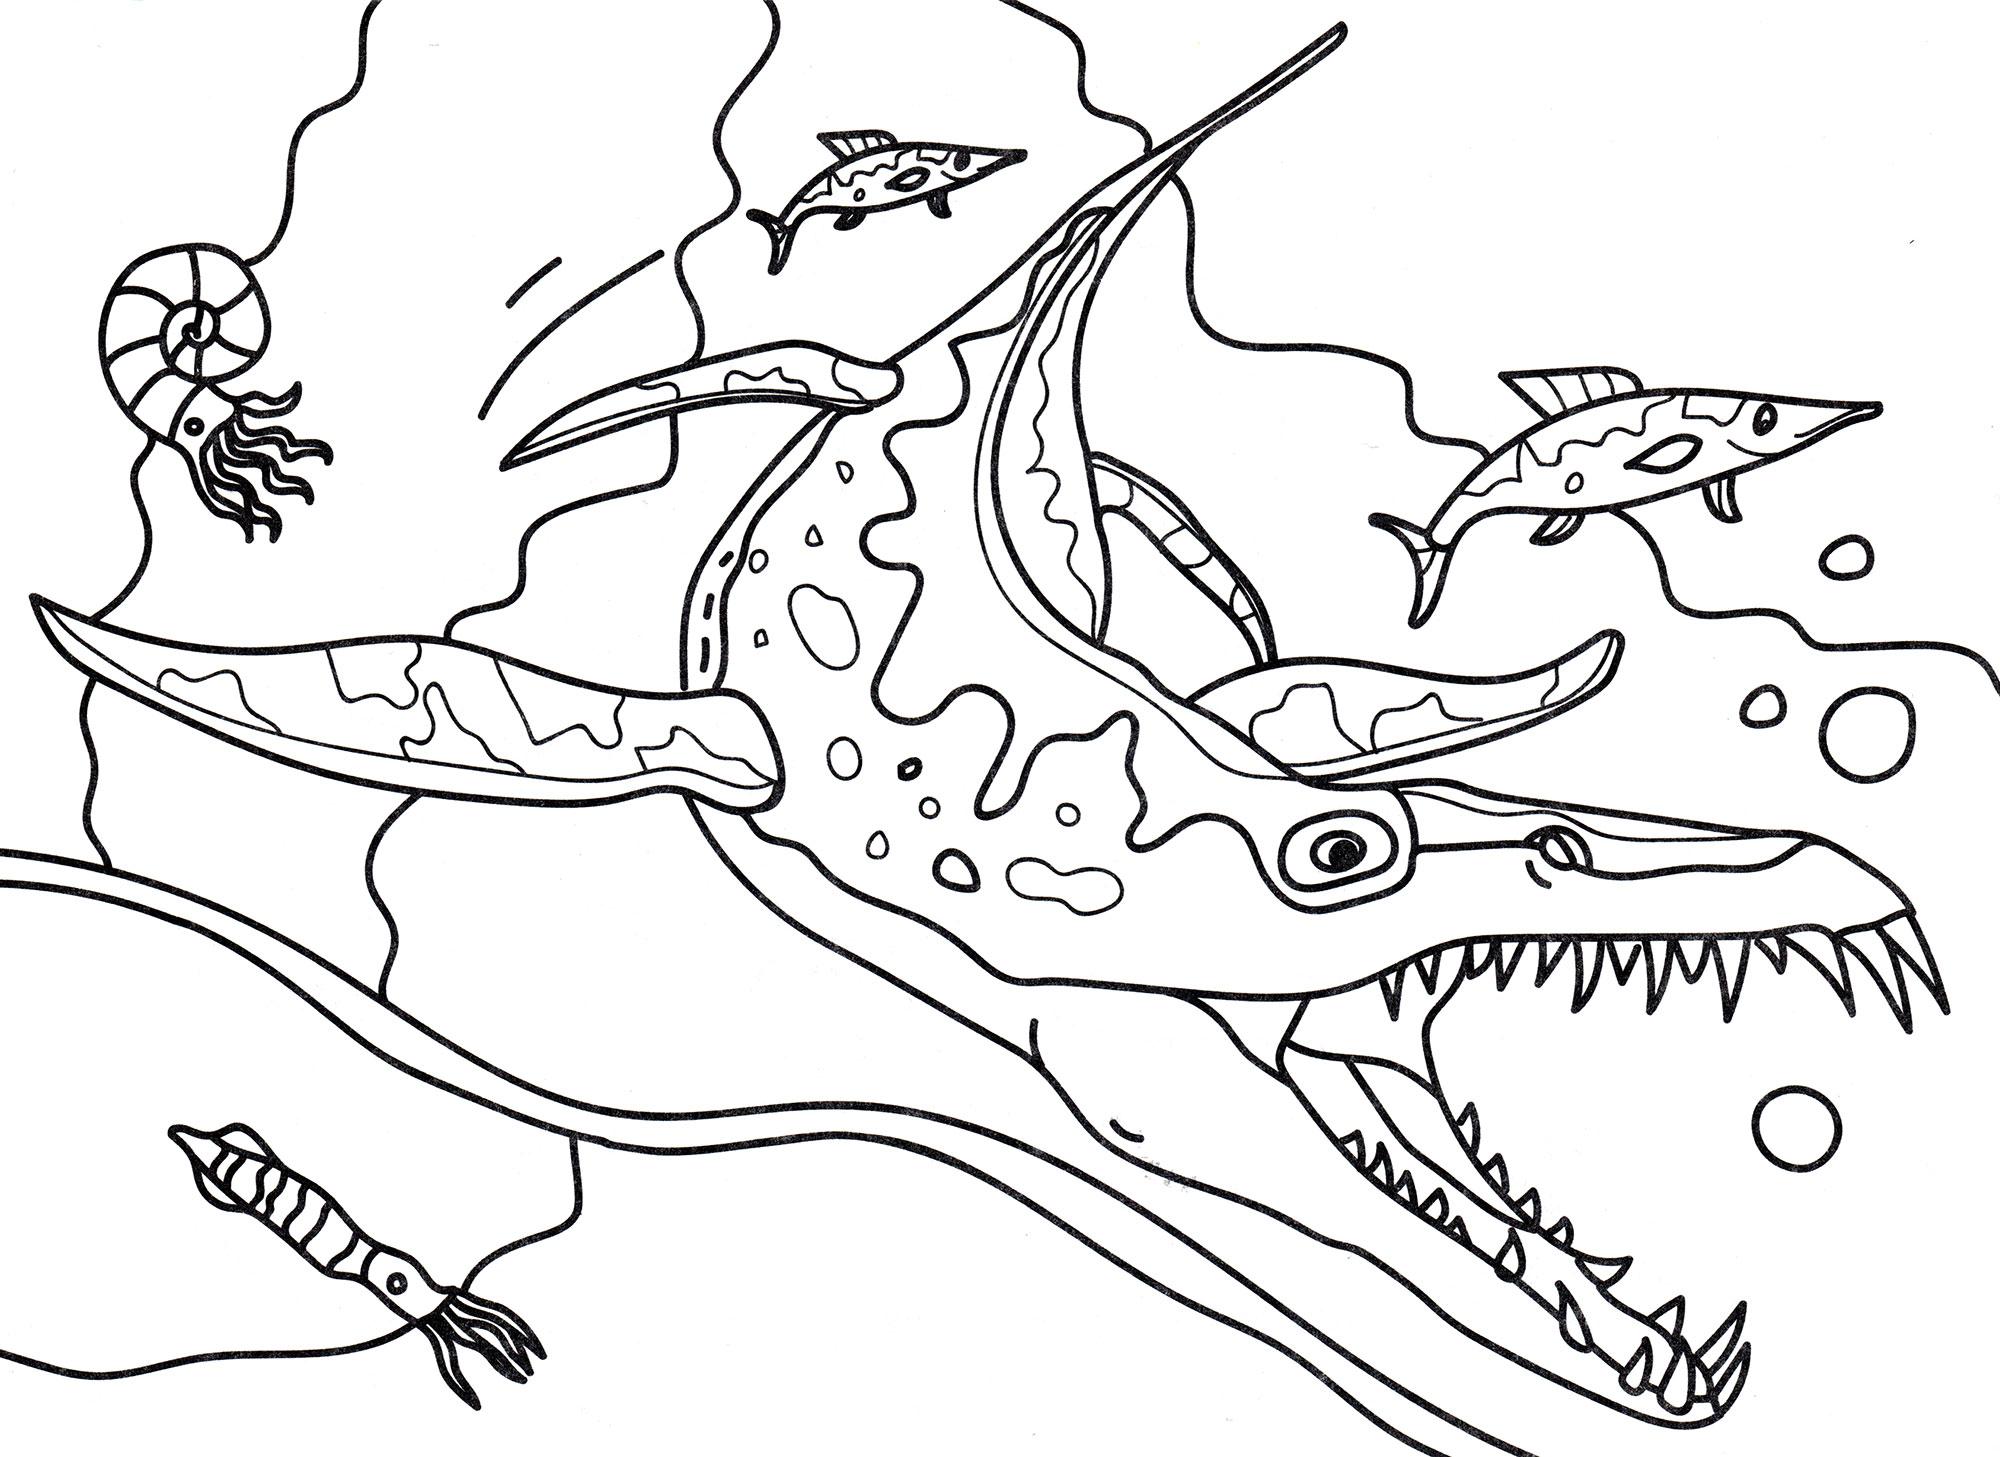 Раскраска Лиоплевродон в воде   Раскраски динозавры